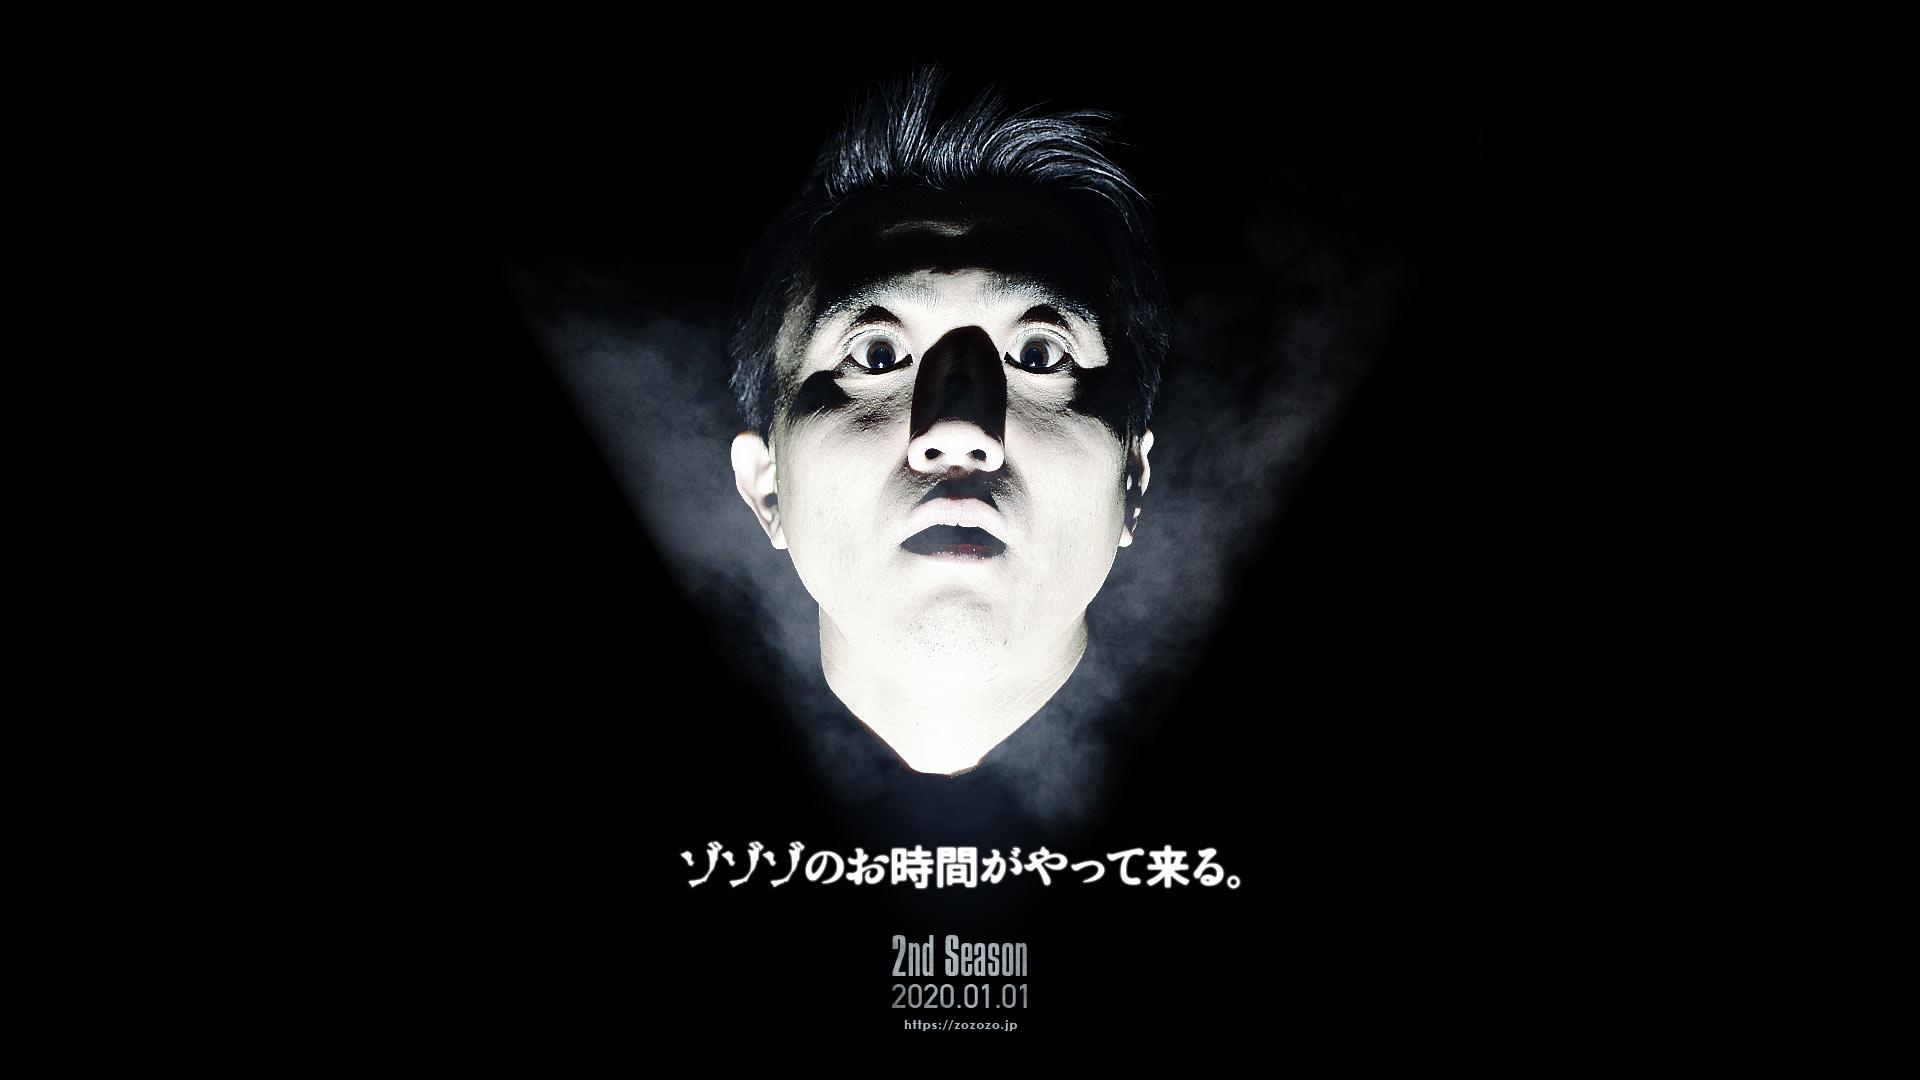 【第2期】ゾゾゾセカンドシーズン2020年1月1日配信決定!キービジュアルも公開!